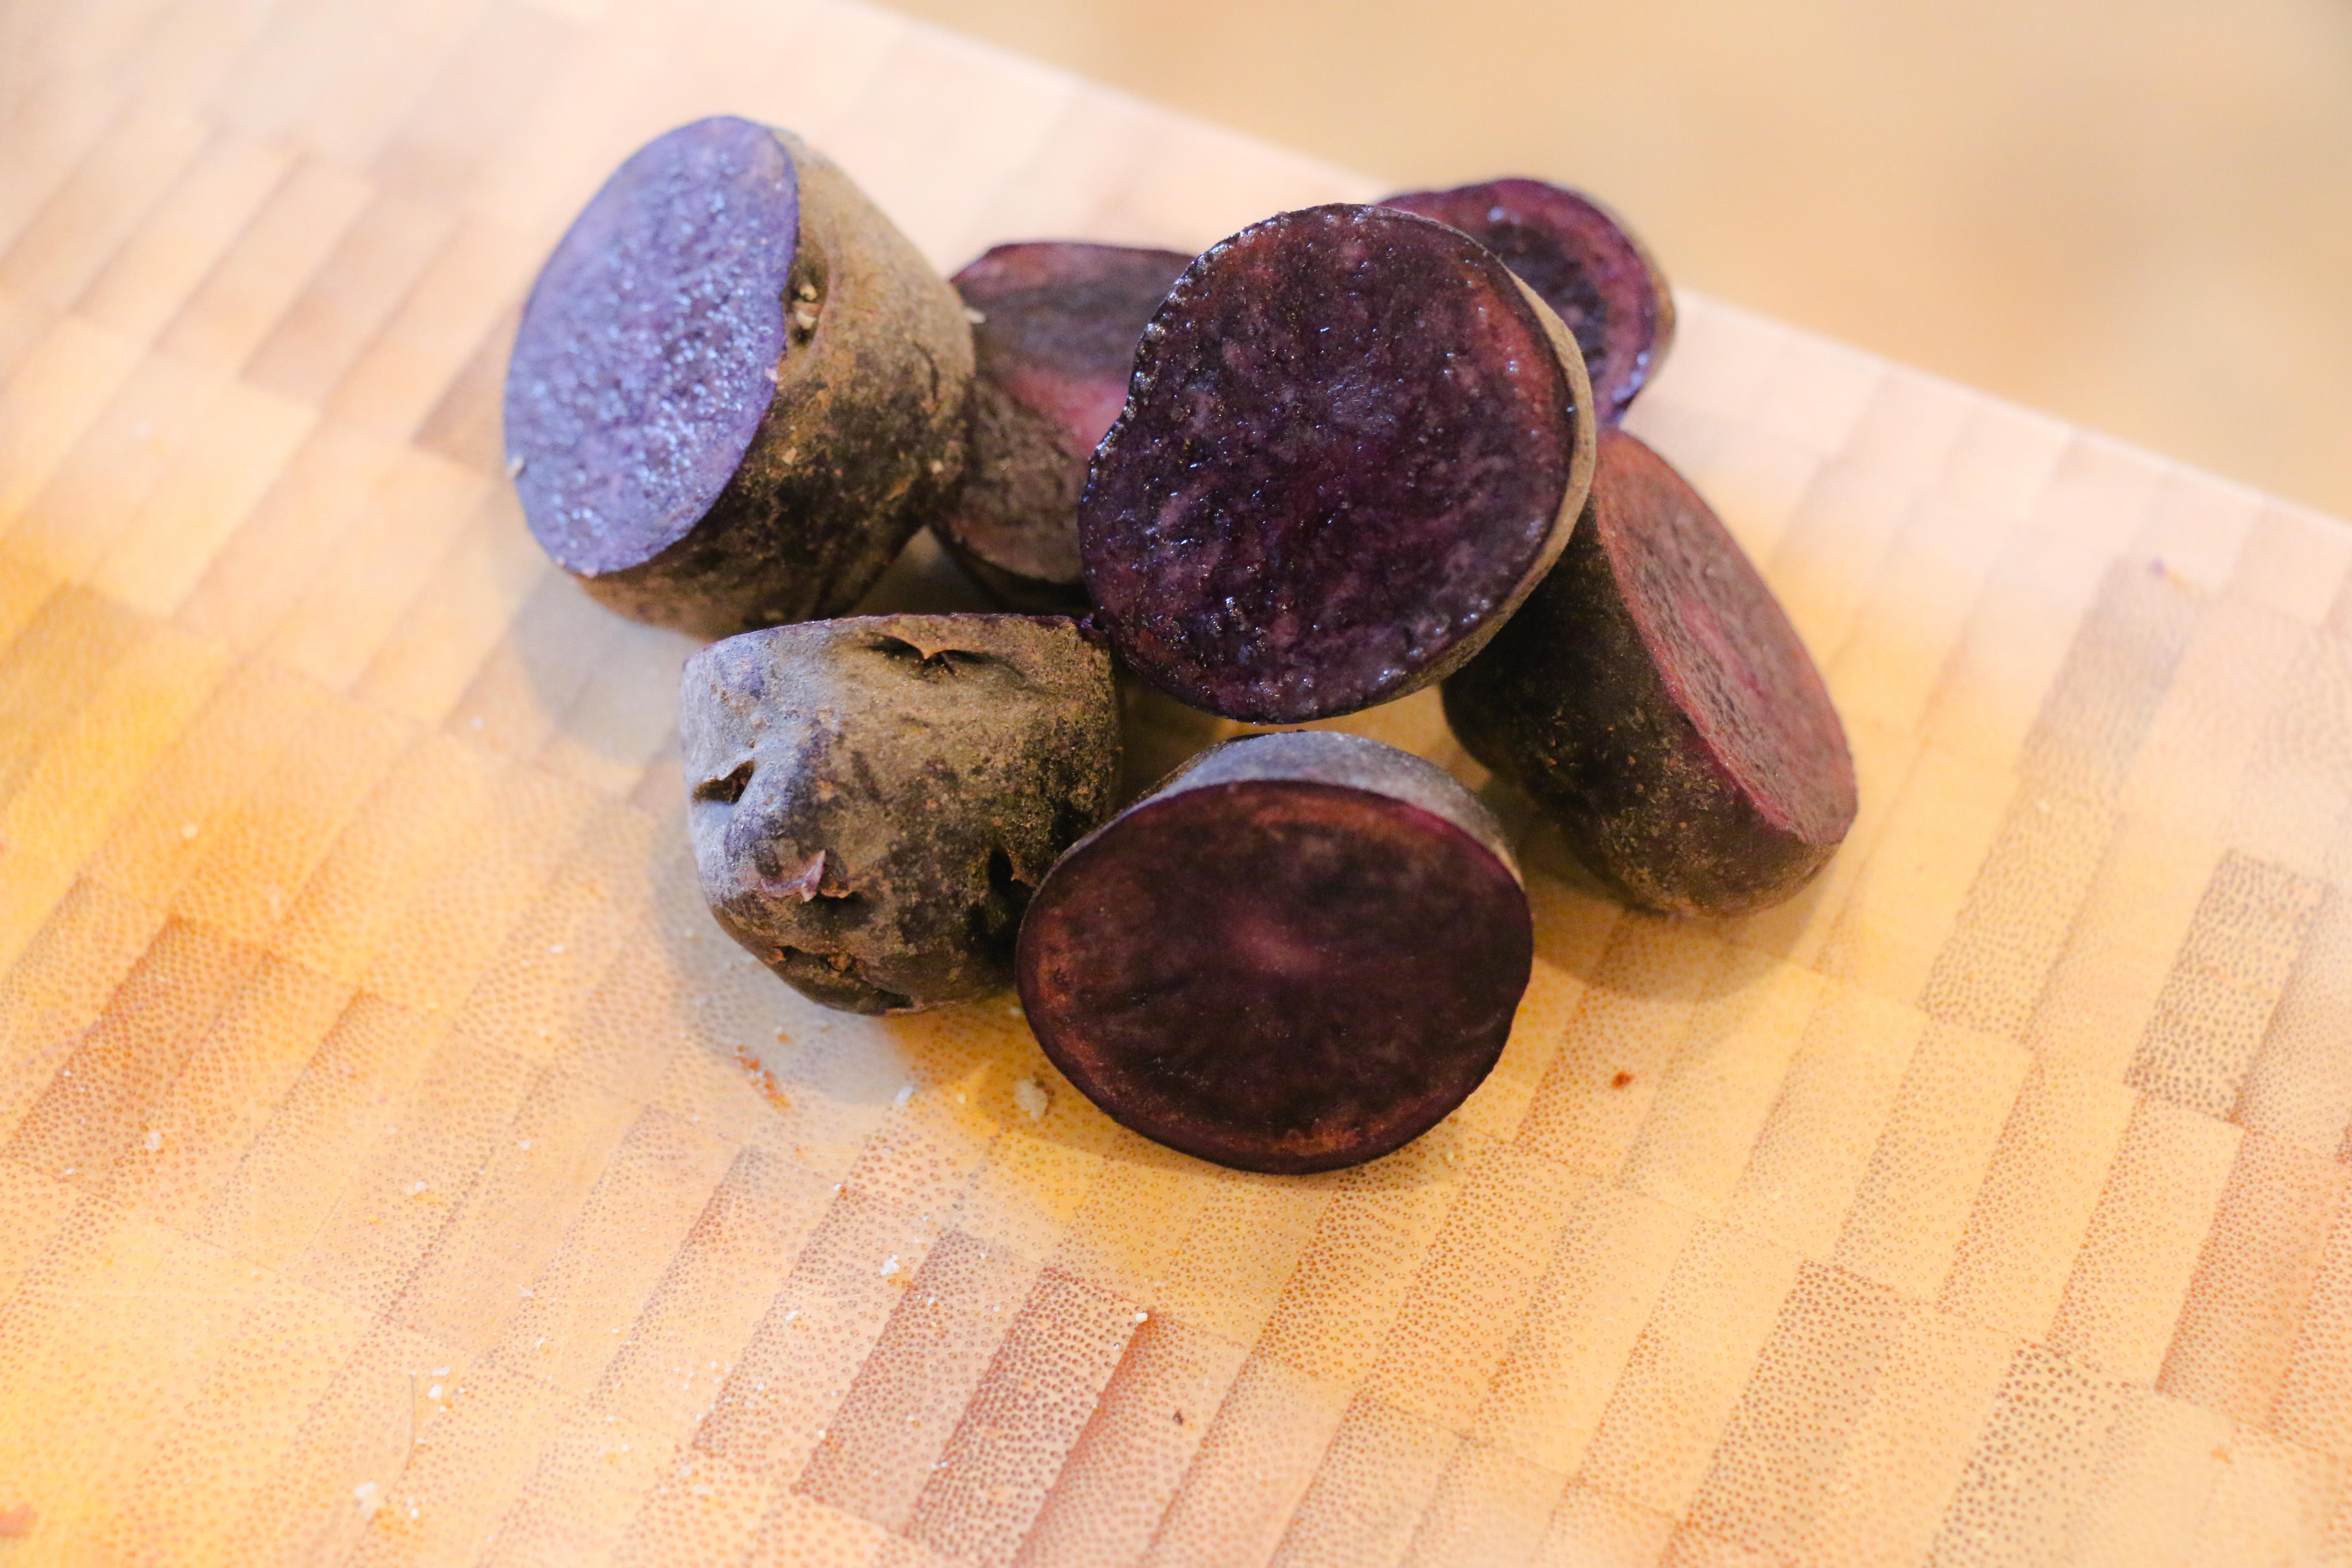 Blue apron kale - Multi Eyed Many Tubered Flying Purple Potato People Eater